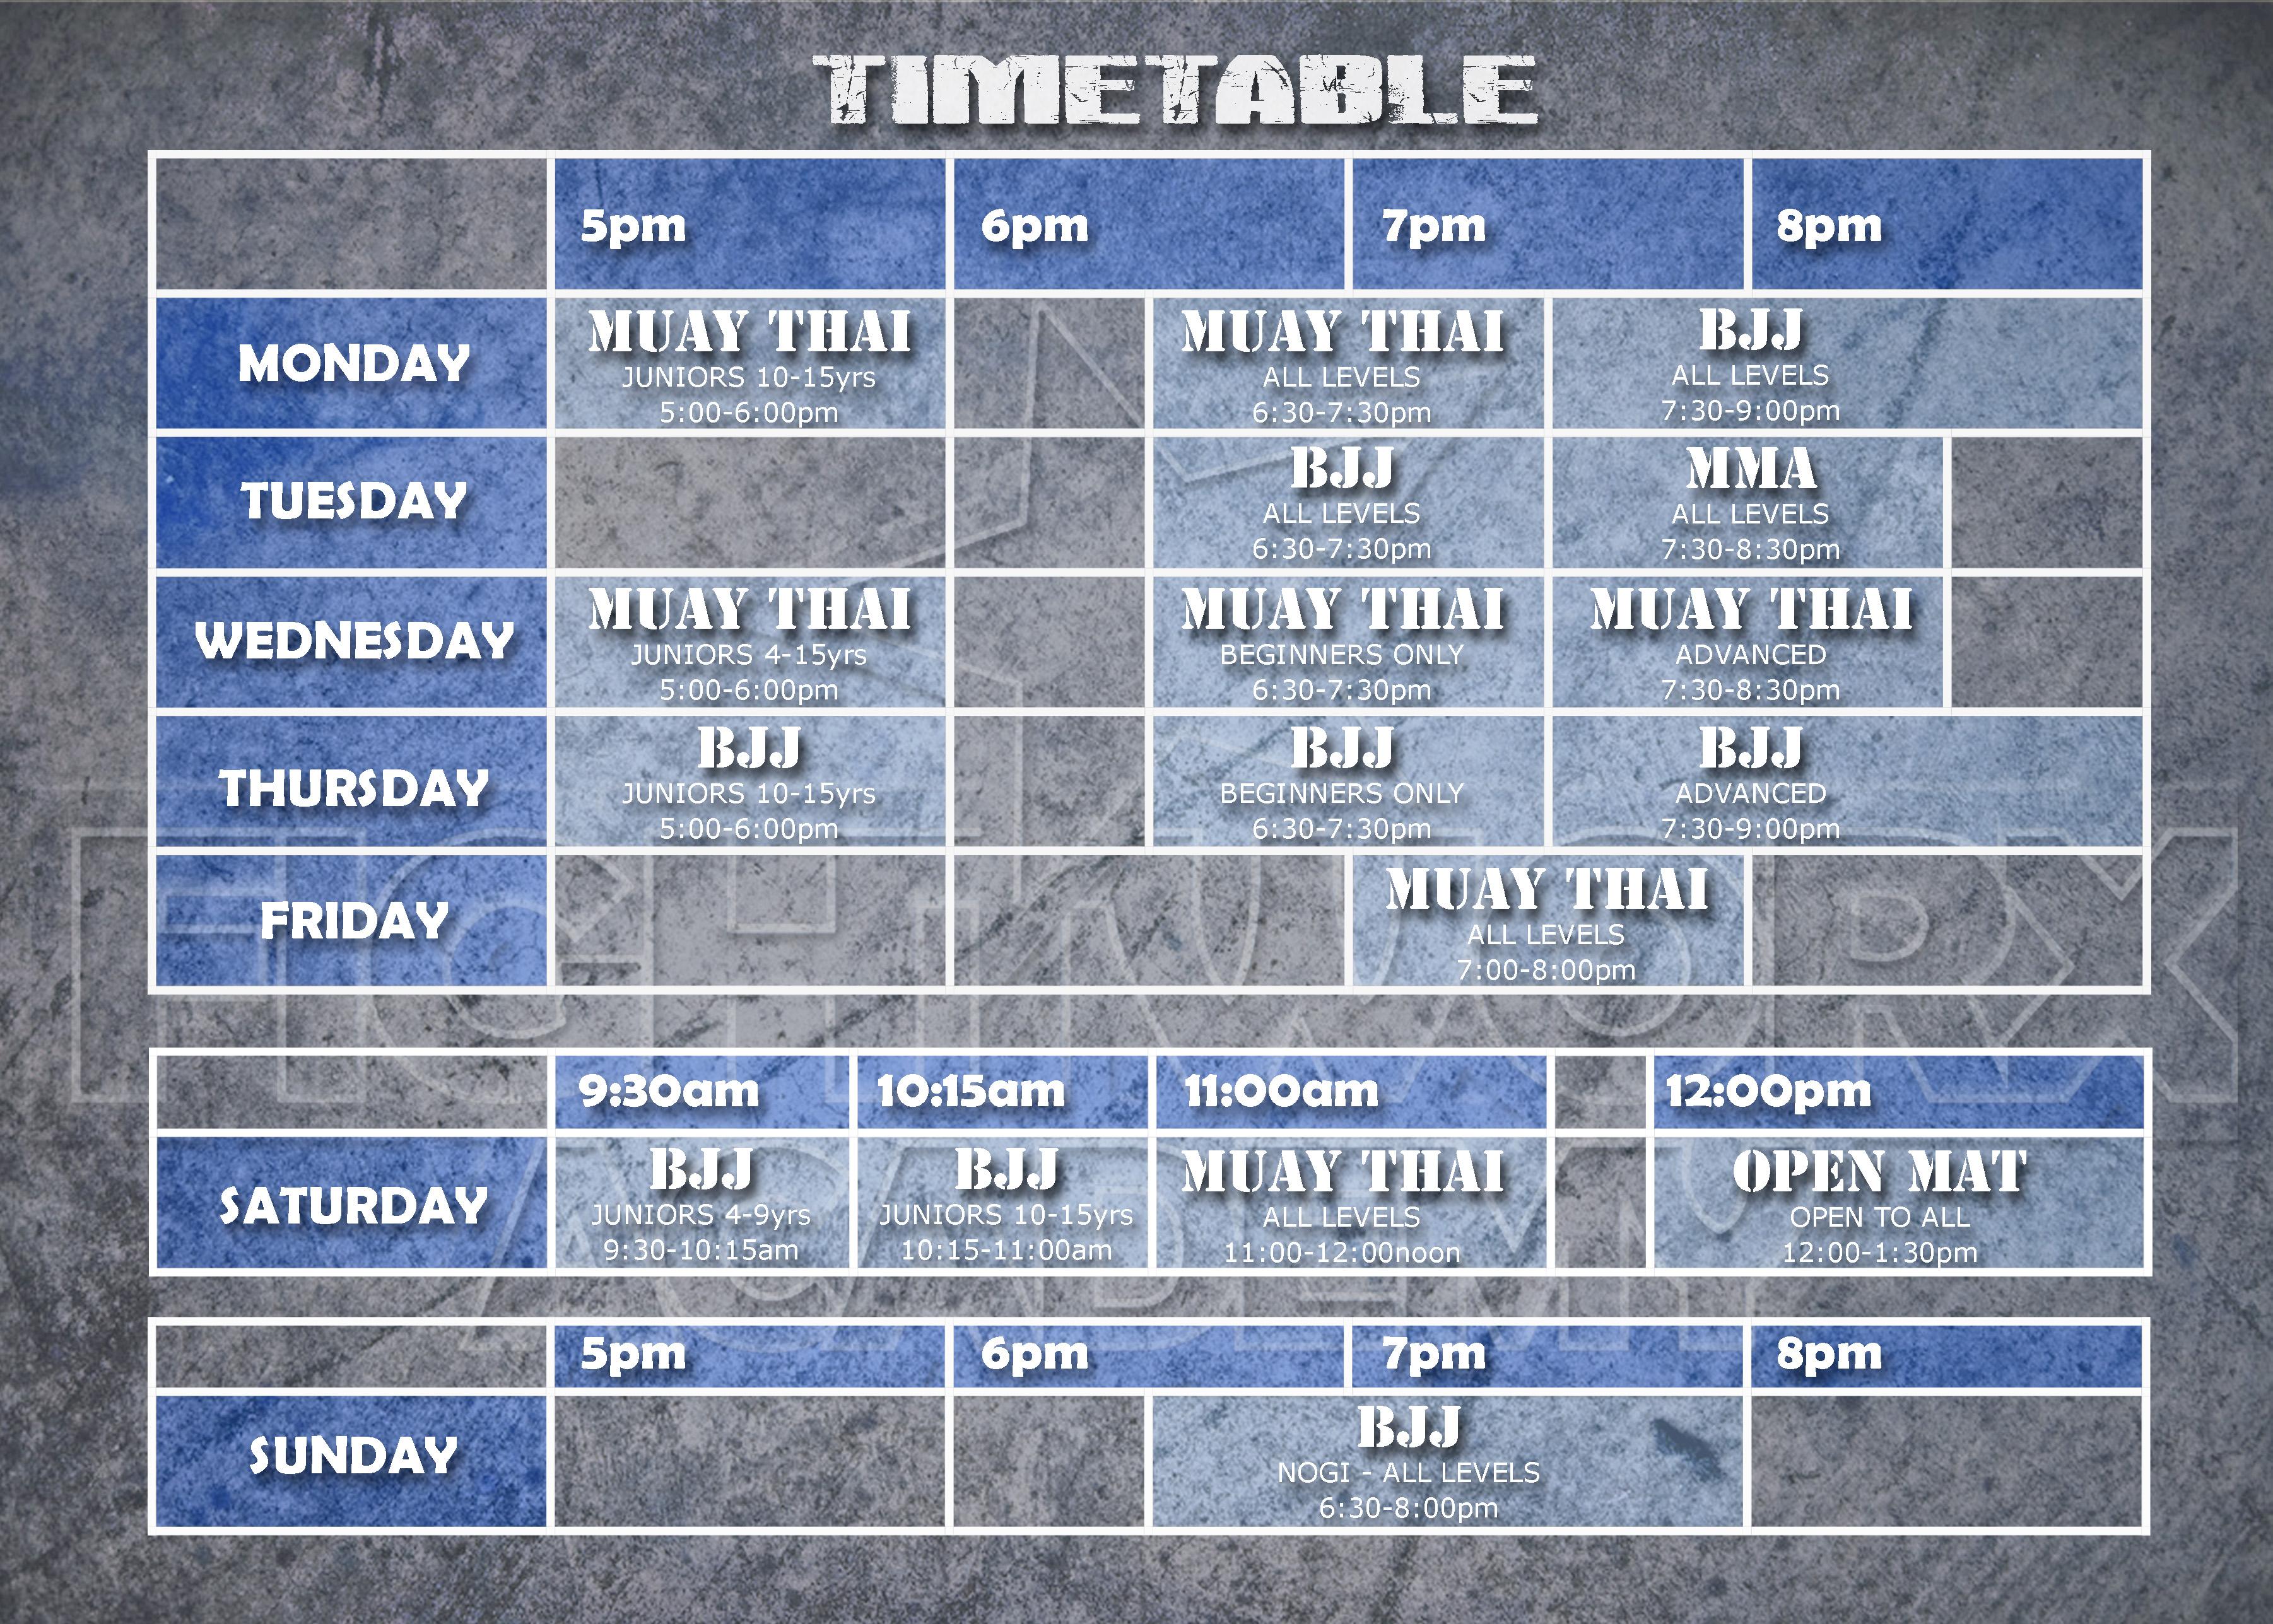 NEW Timetable FULL PRINTER